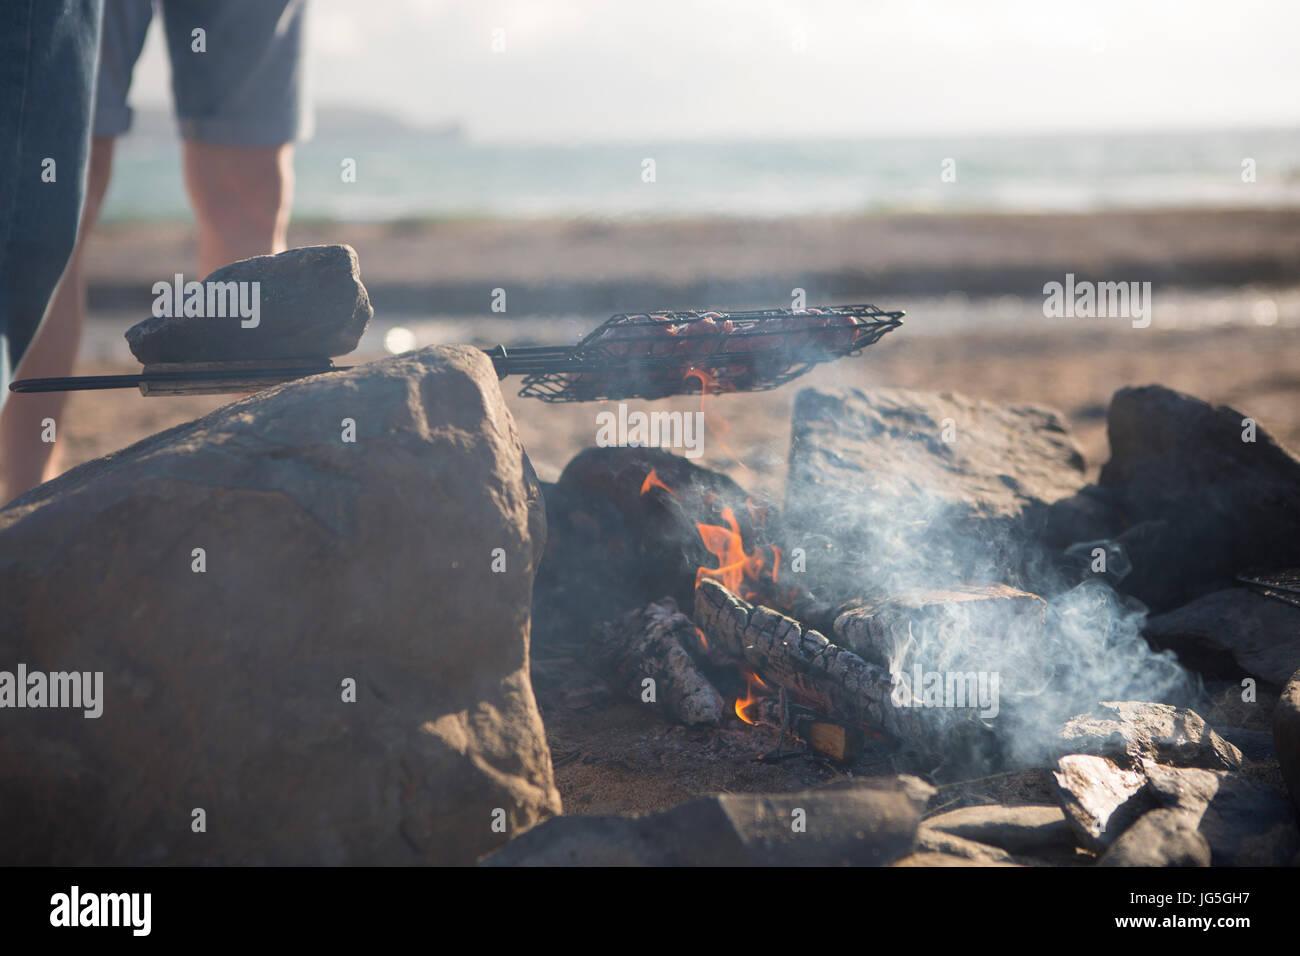 Barbecue sulla spiaggia, Cornwall, Regno Unito Immagini Stock